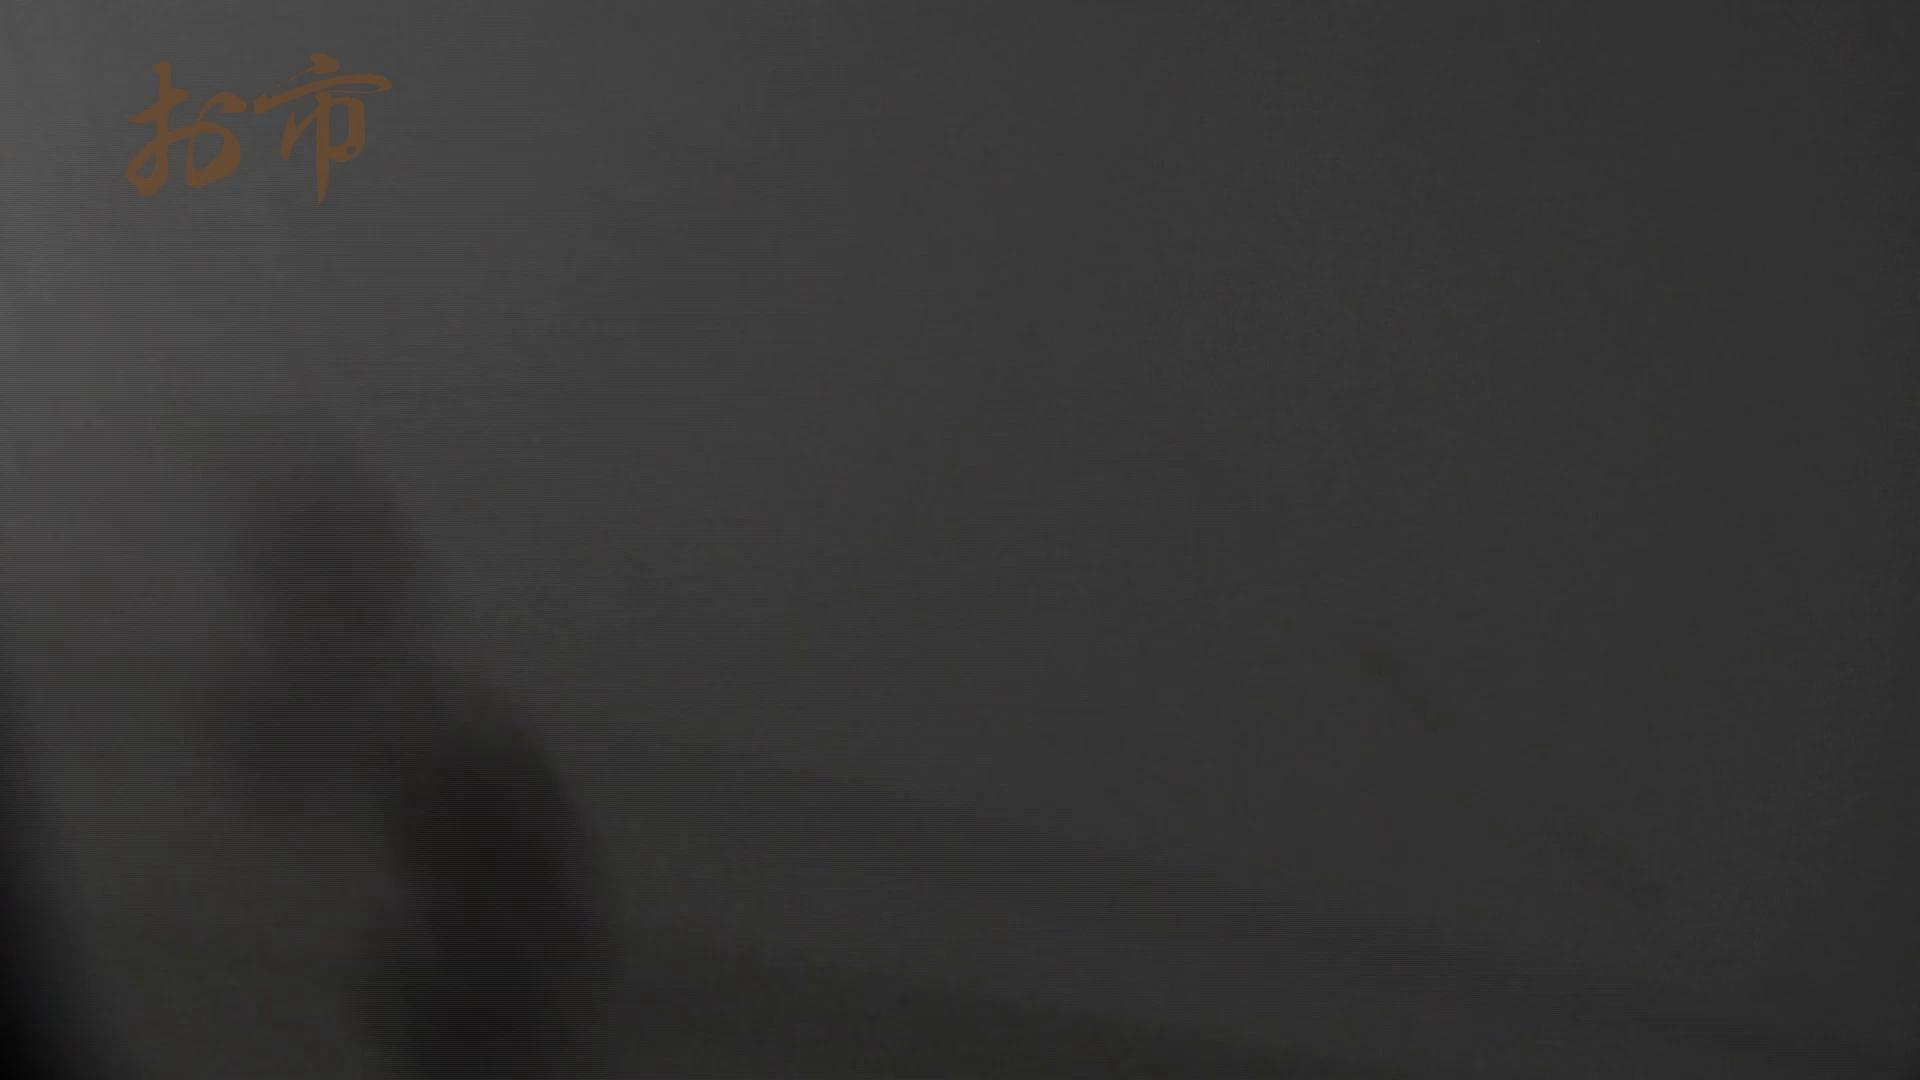 潜入!!台湾名門女学院 Vol.12 長身モデル驚き見たことないシチュエーション 盗撮  105PIX 93